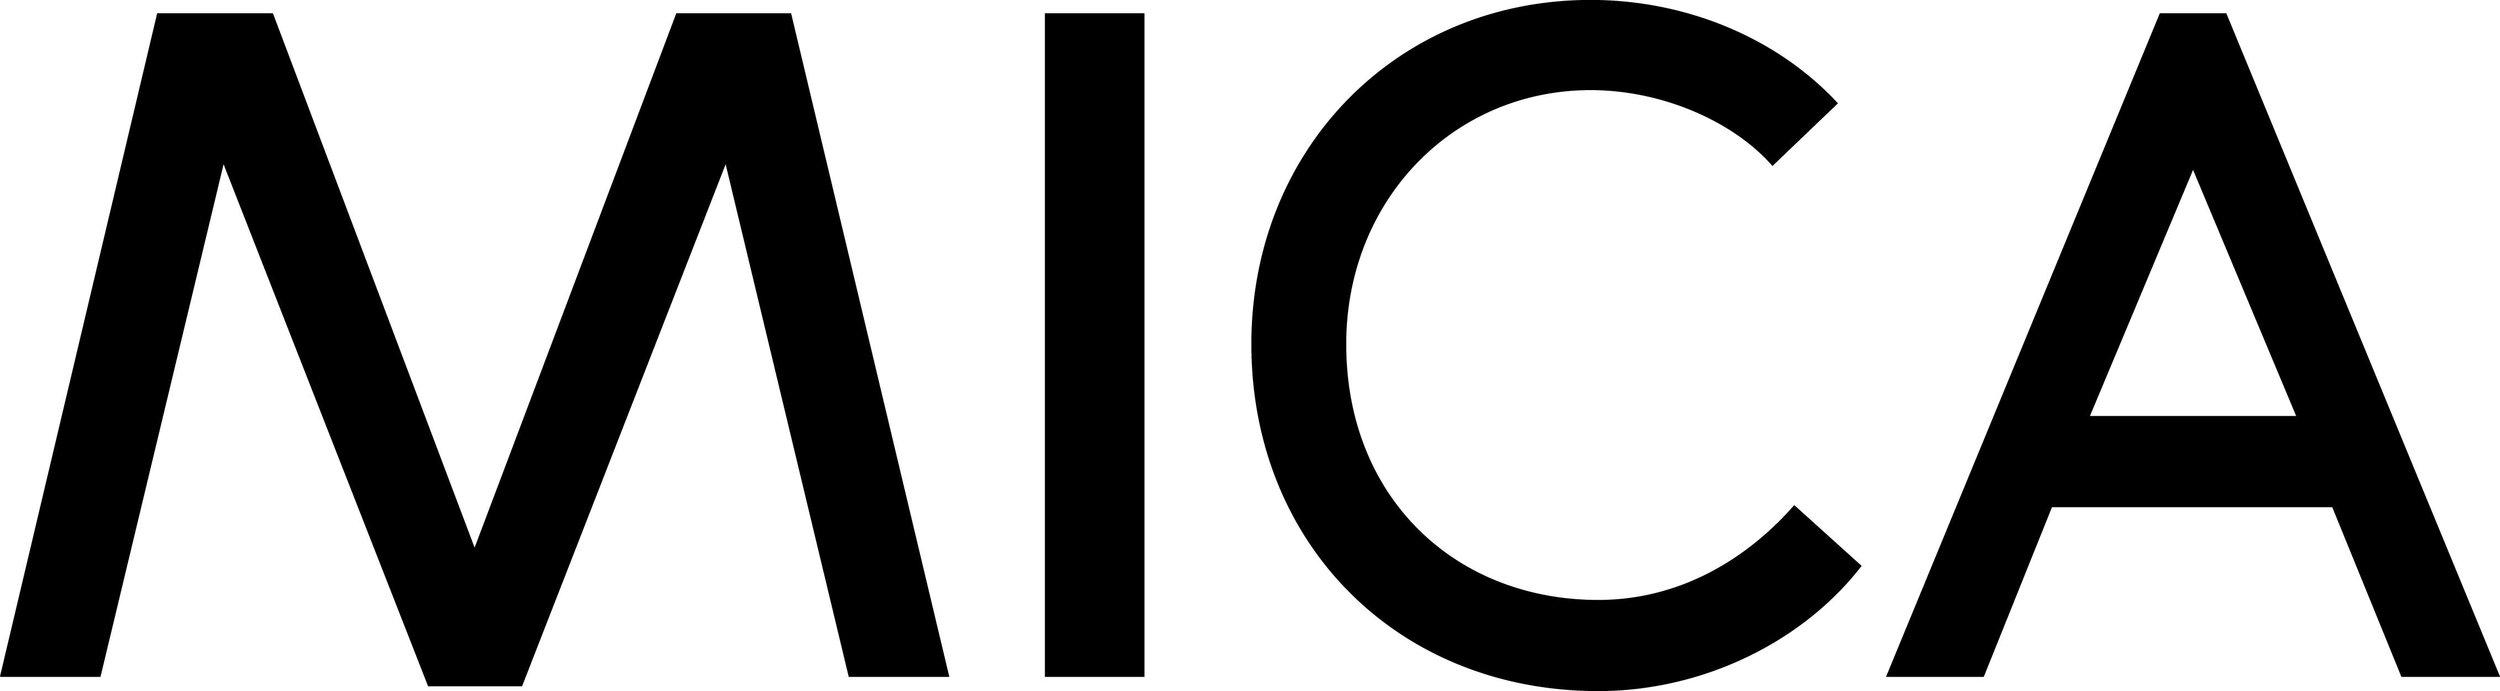 MICA-logo.jpg